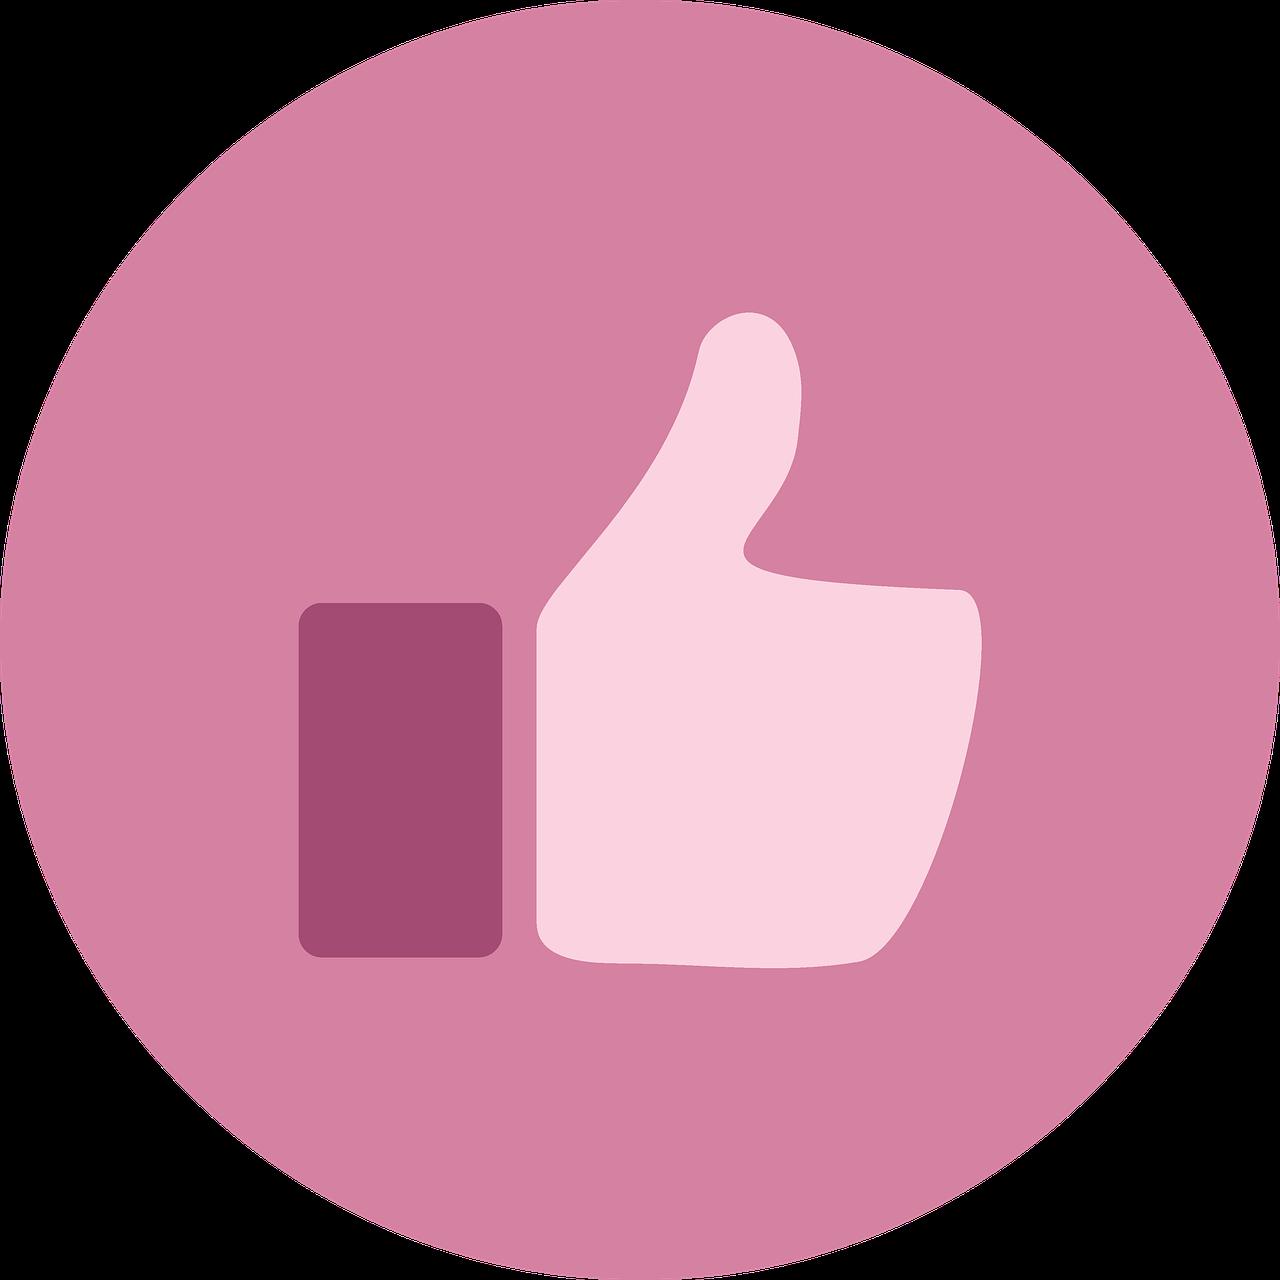 Mejores Cursos de Lenguaje de Señas en Línea